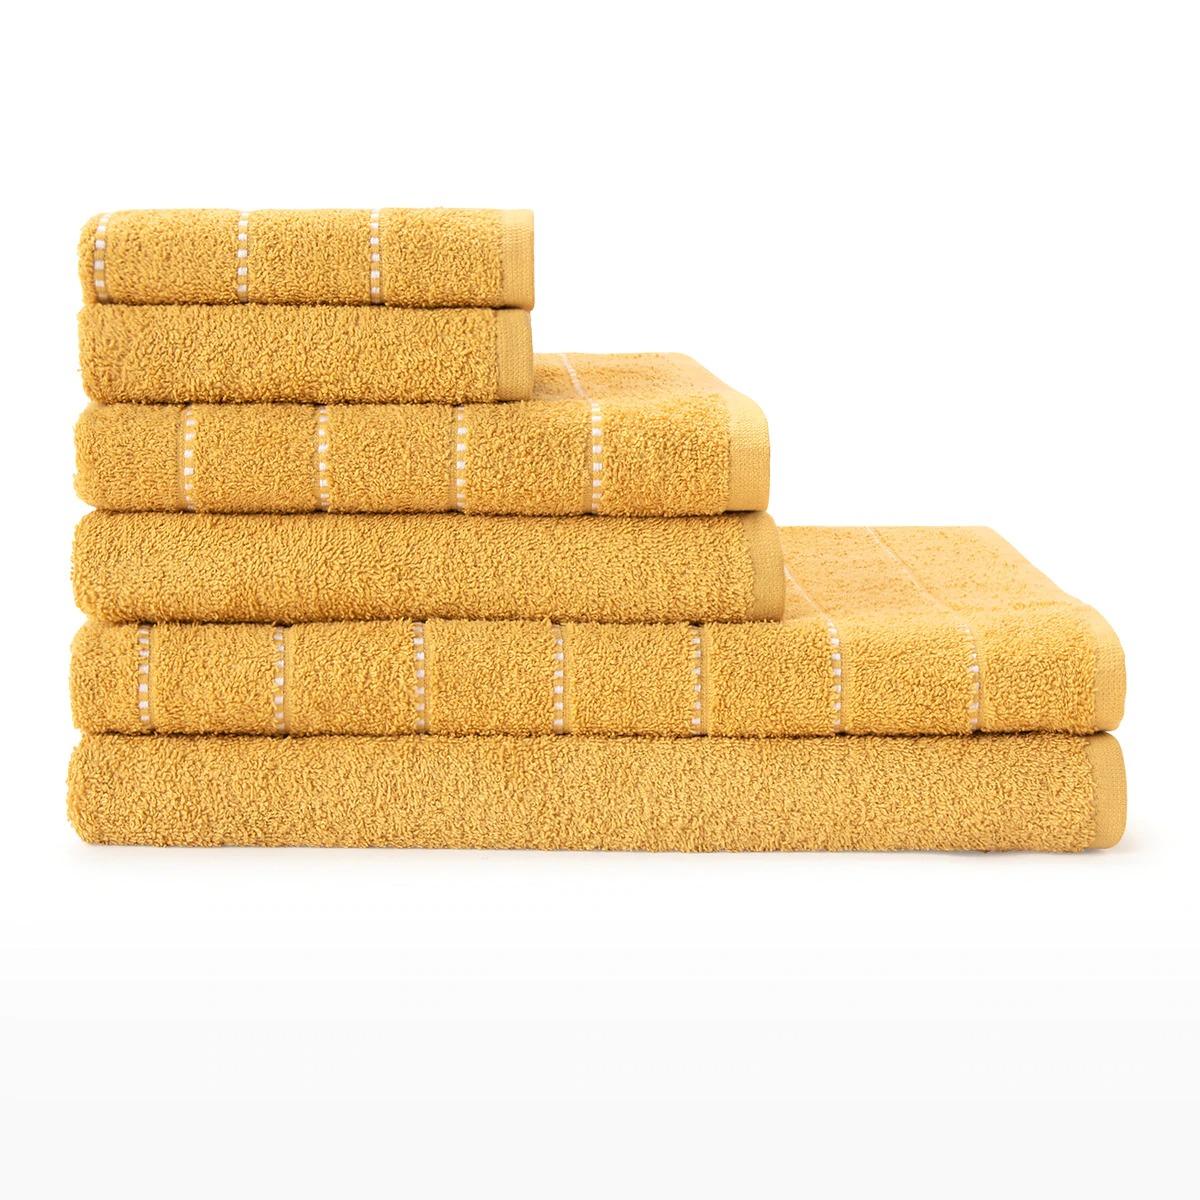 BASICS EL CORTE INGLÉS Juego 6 toallas algodón Ilia Basics El Corte Inglés